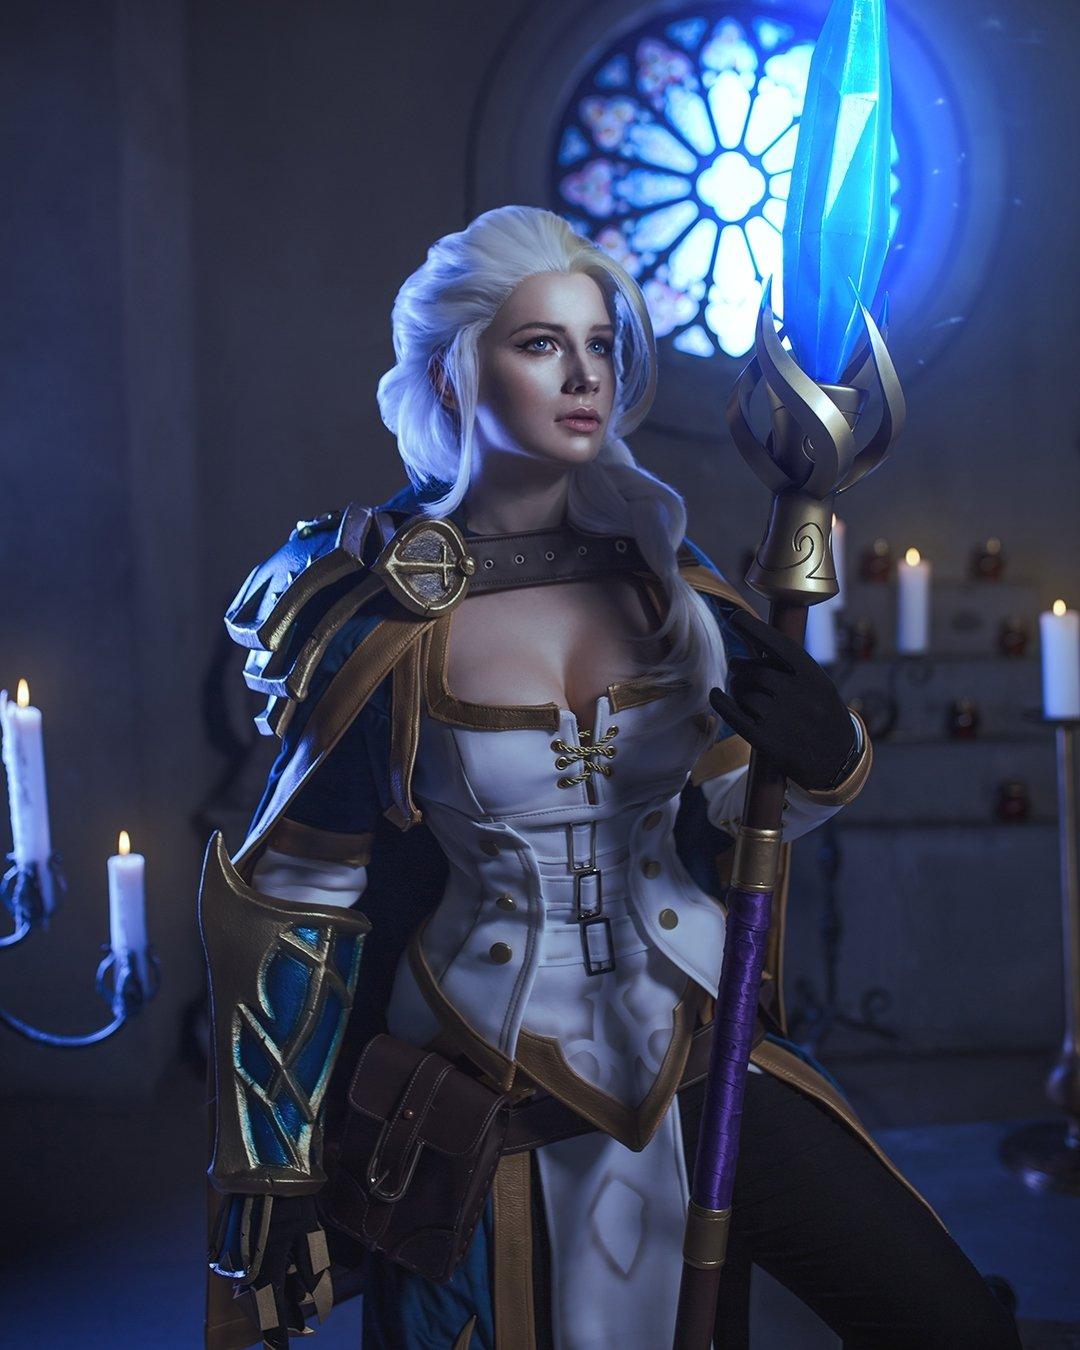 Fotografía de la cosplayer Kristina haciendo de Jaina de 'World of Warcraft' posando en diagonal con la.mirada perdida hacia la derecha mientras sostiene su cetro con la mano izquierda en una habitación ilumanada tenuemente en azul.